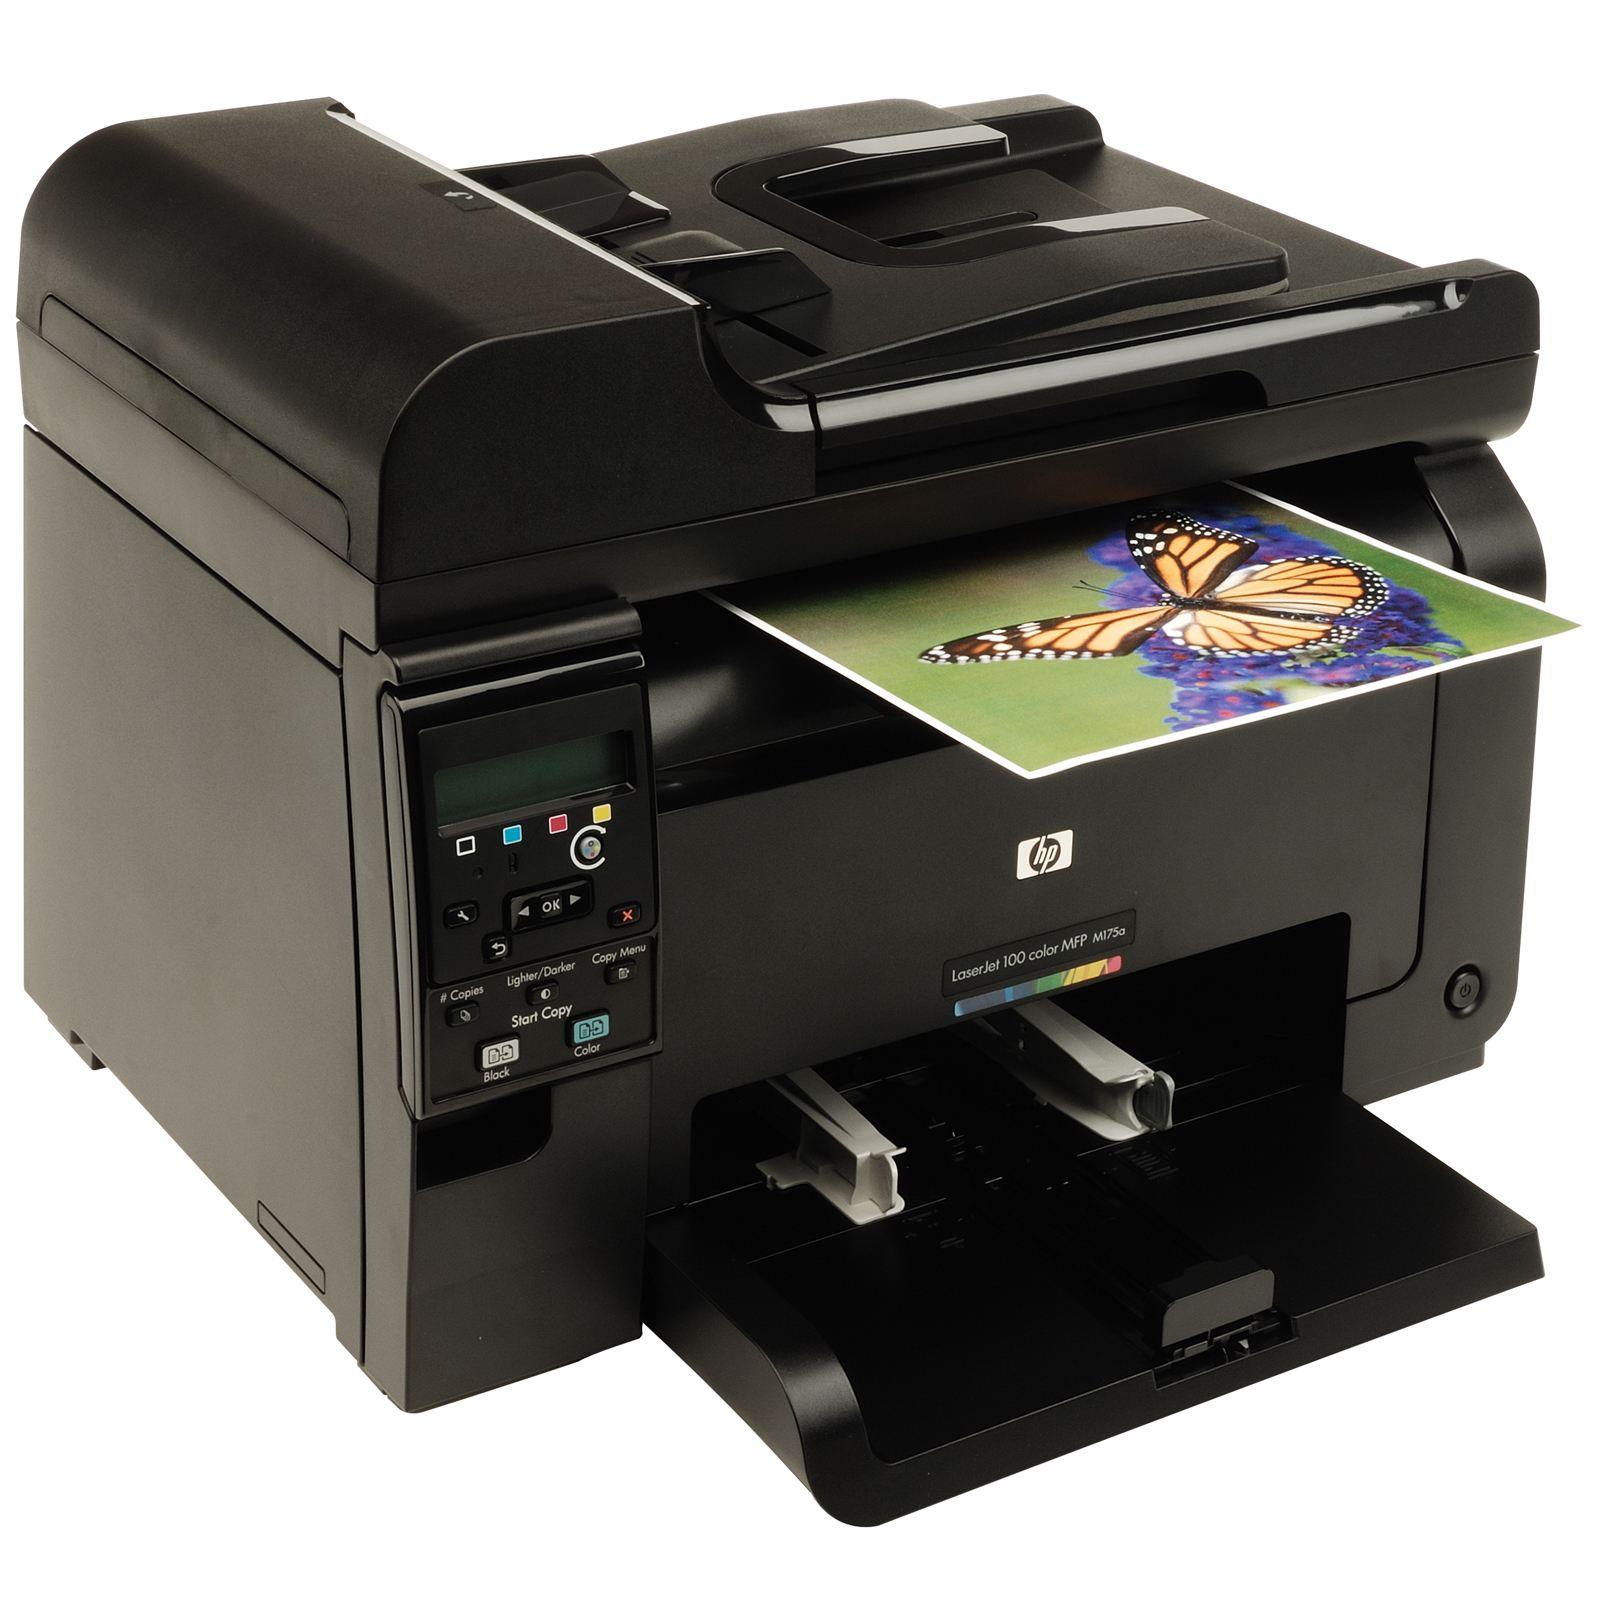 MФУ HP LaserJet Pro 100